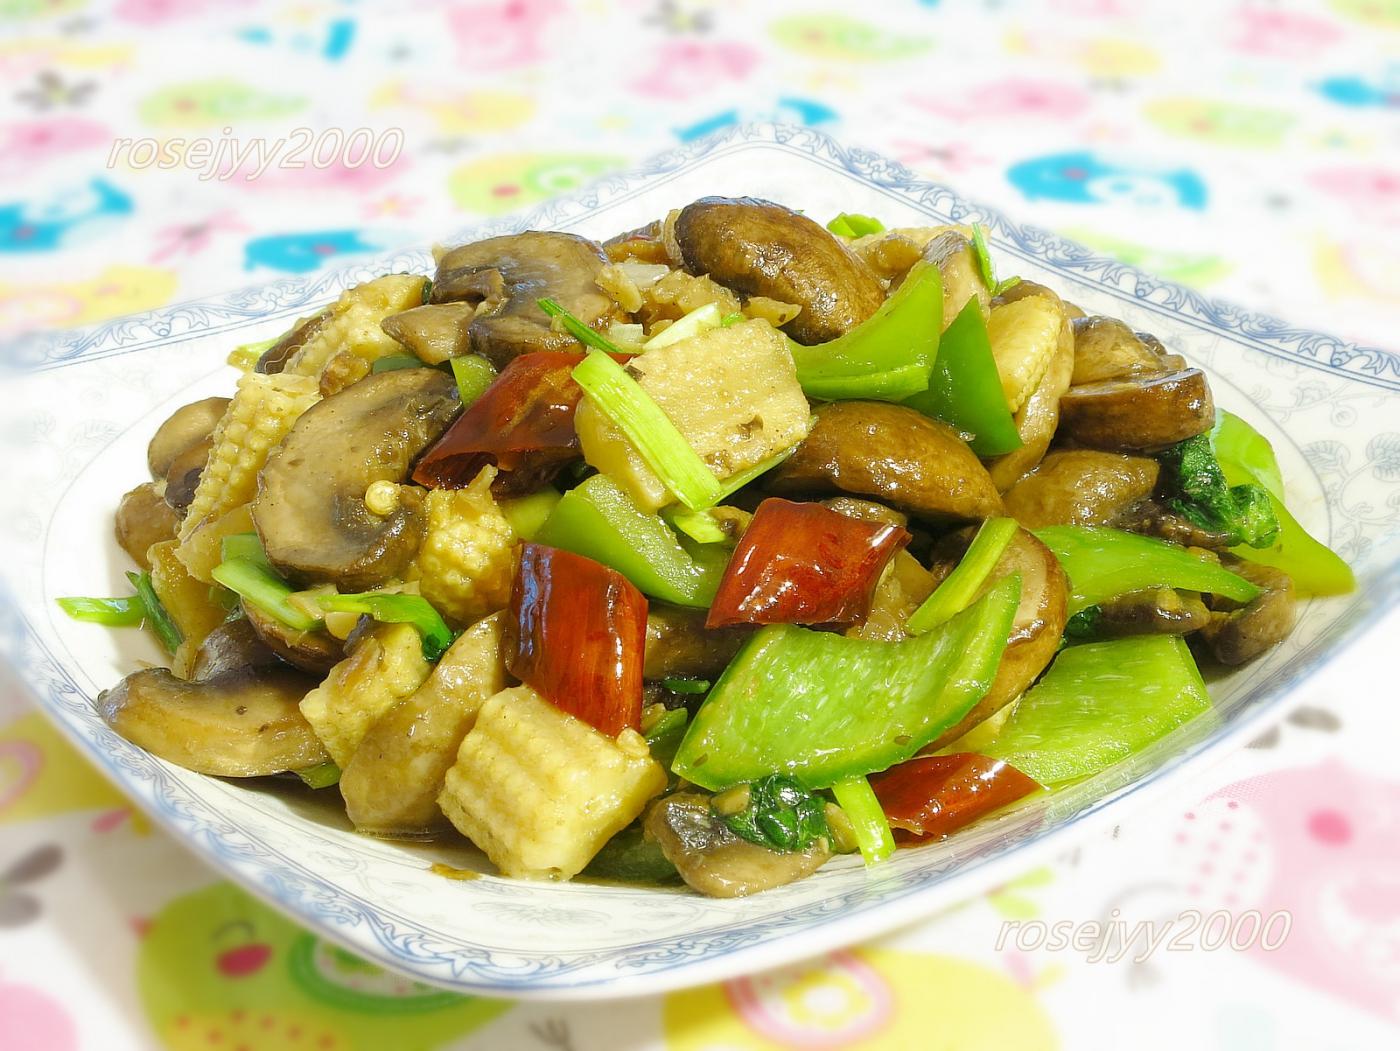 蘑菇玉米笋_图1-1